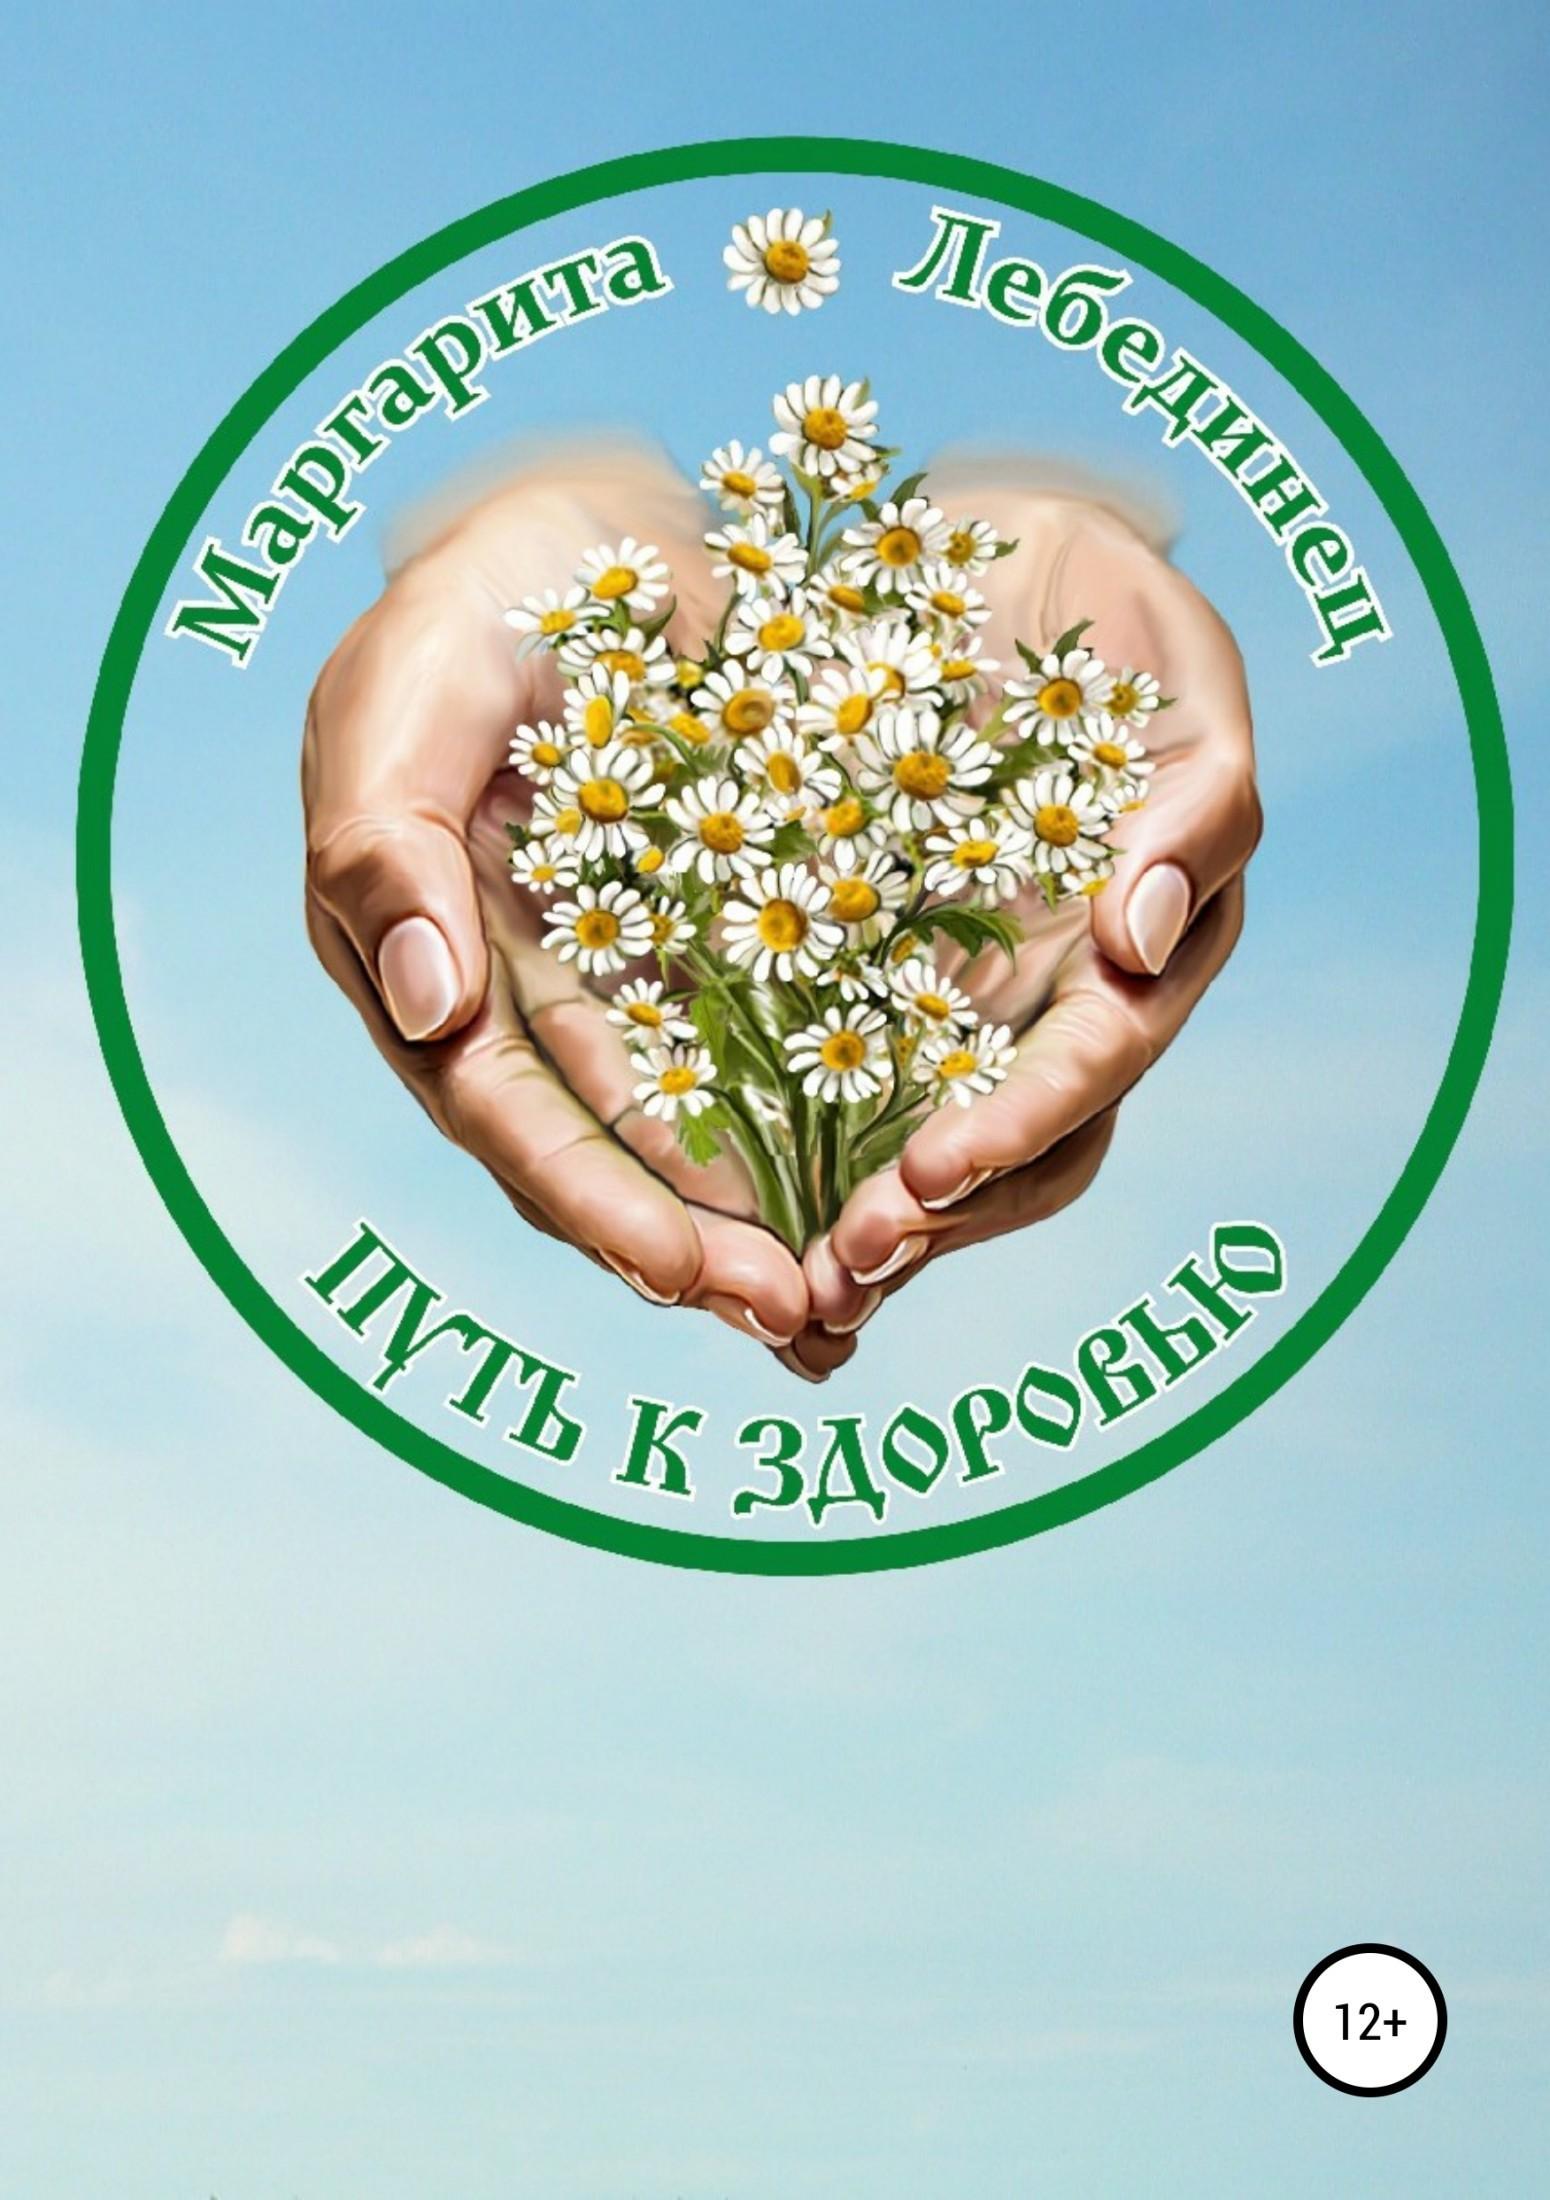 Маргарита Яковлевна Лебединец Путь к здоровью мерридит а оставшийся в живых путь к сатане